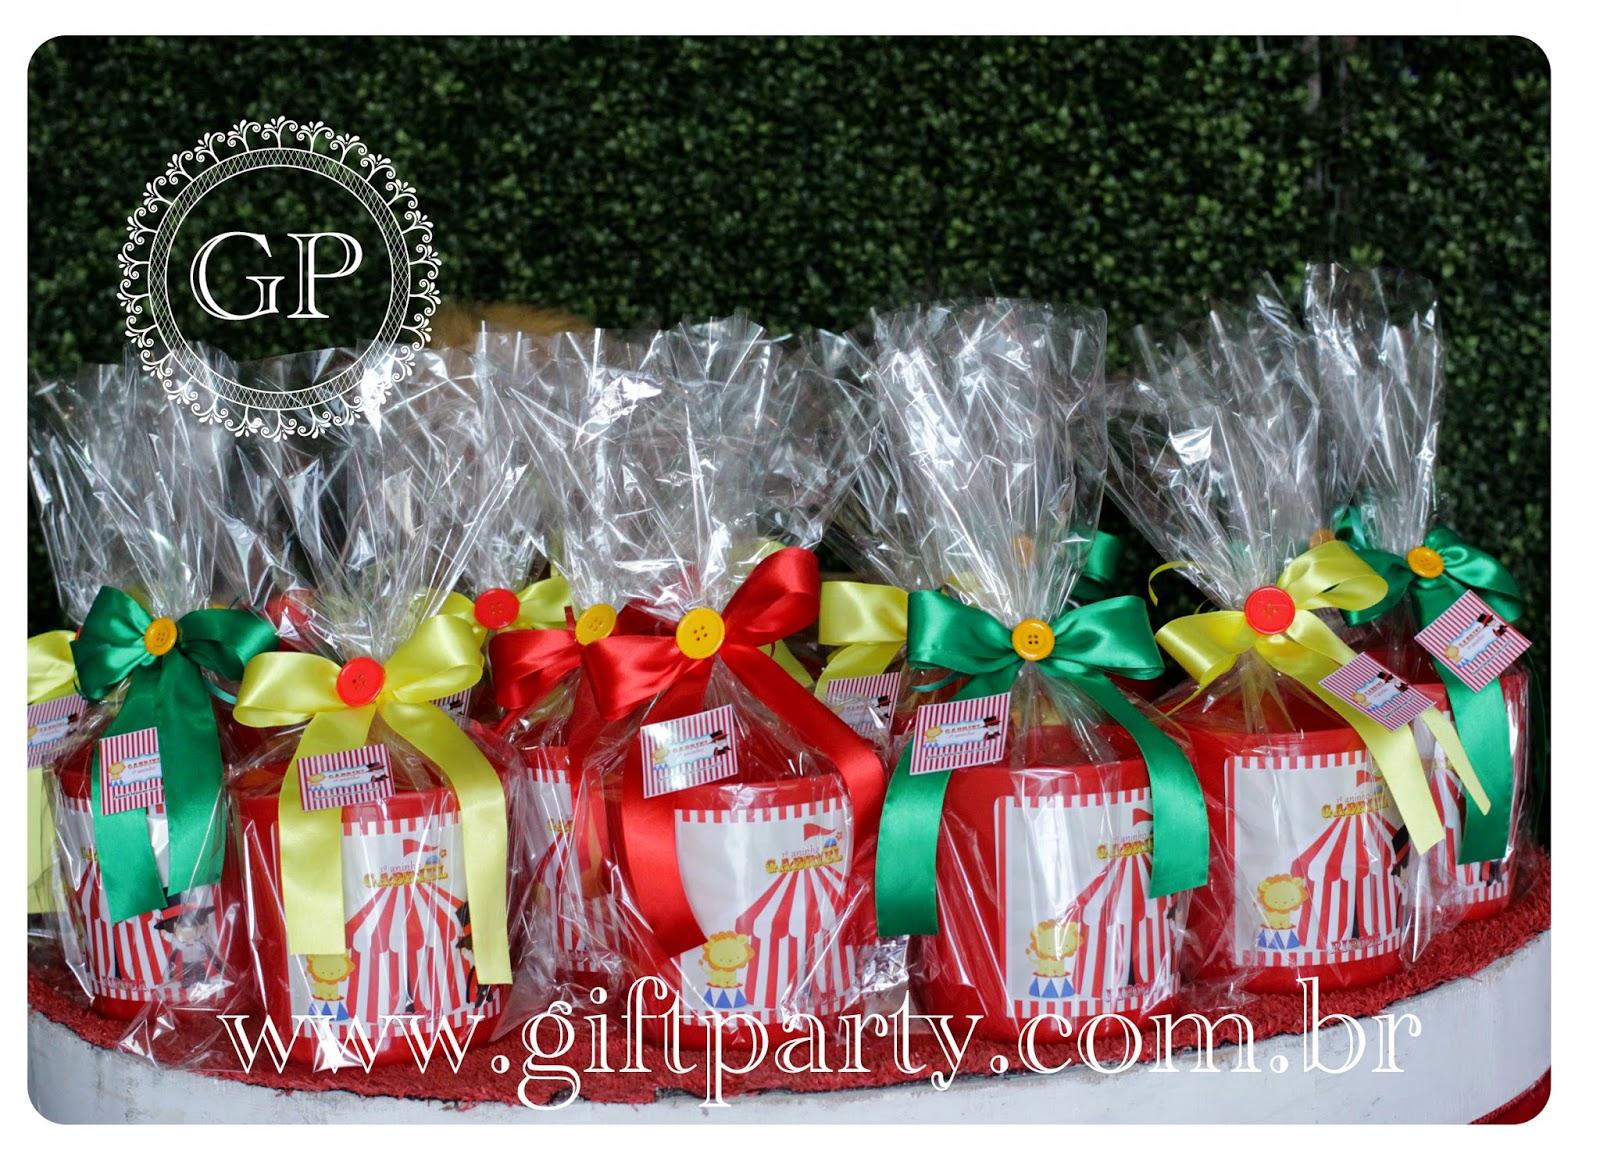 Balde De Pipoca Gift Party Ateliê